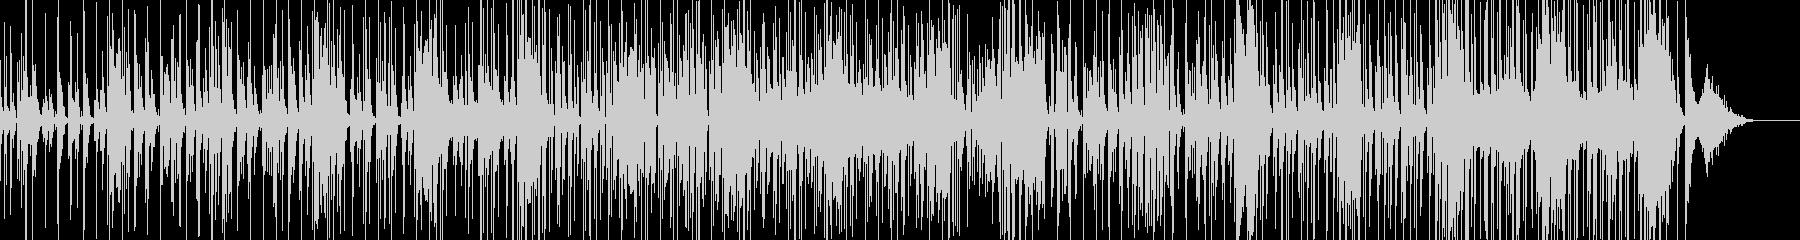 チープで軽いコメディタッチのBGMの未再生の波形